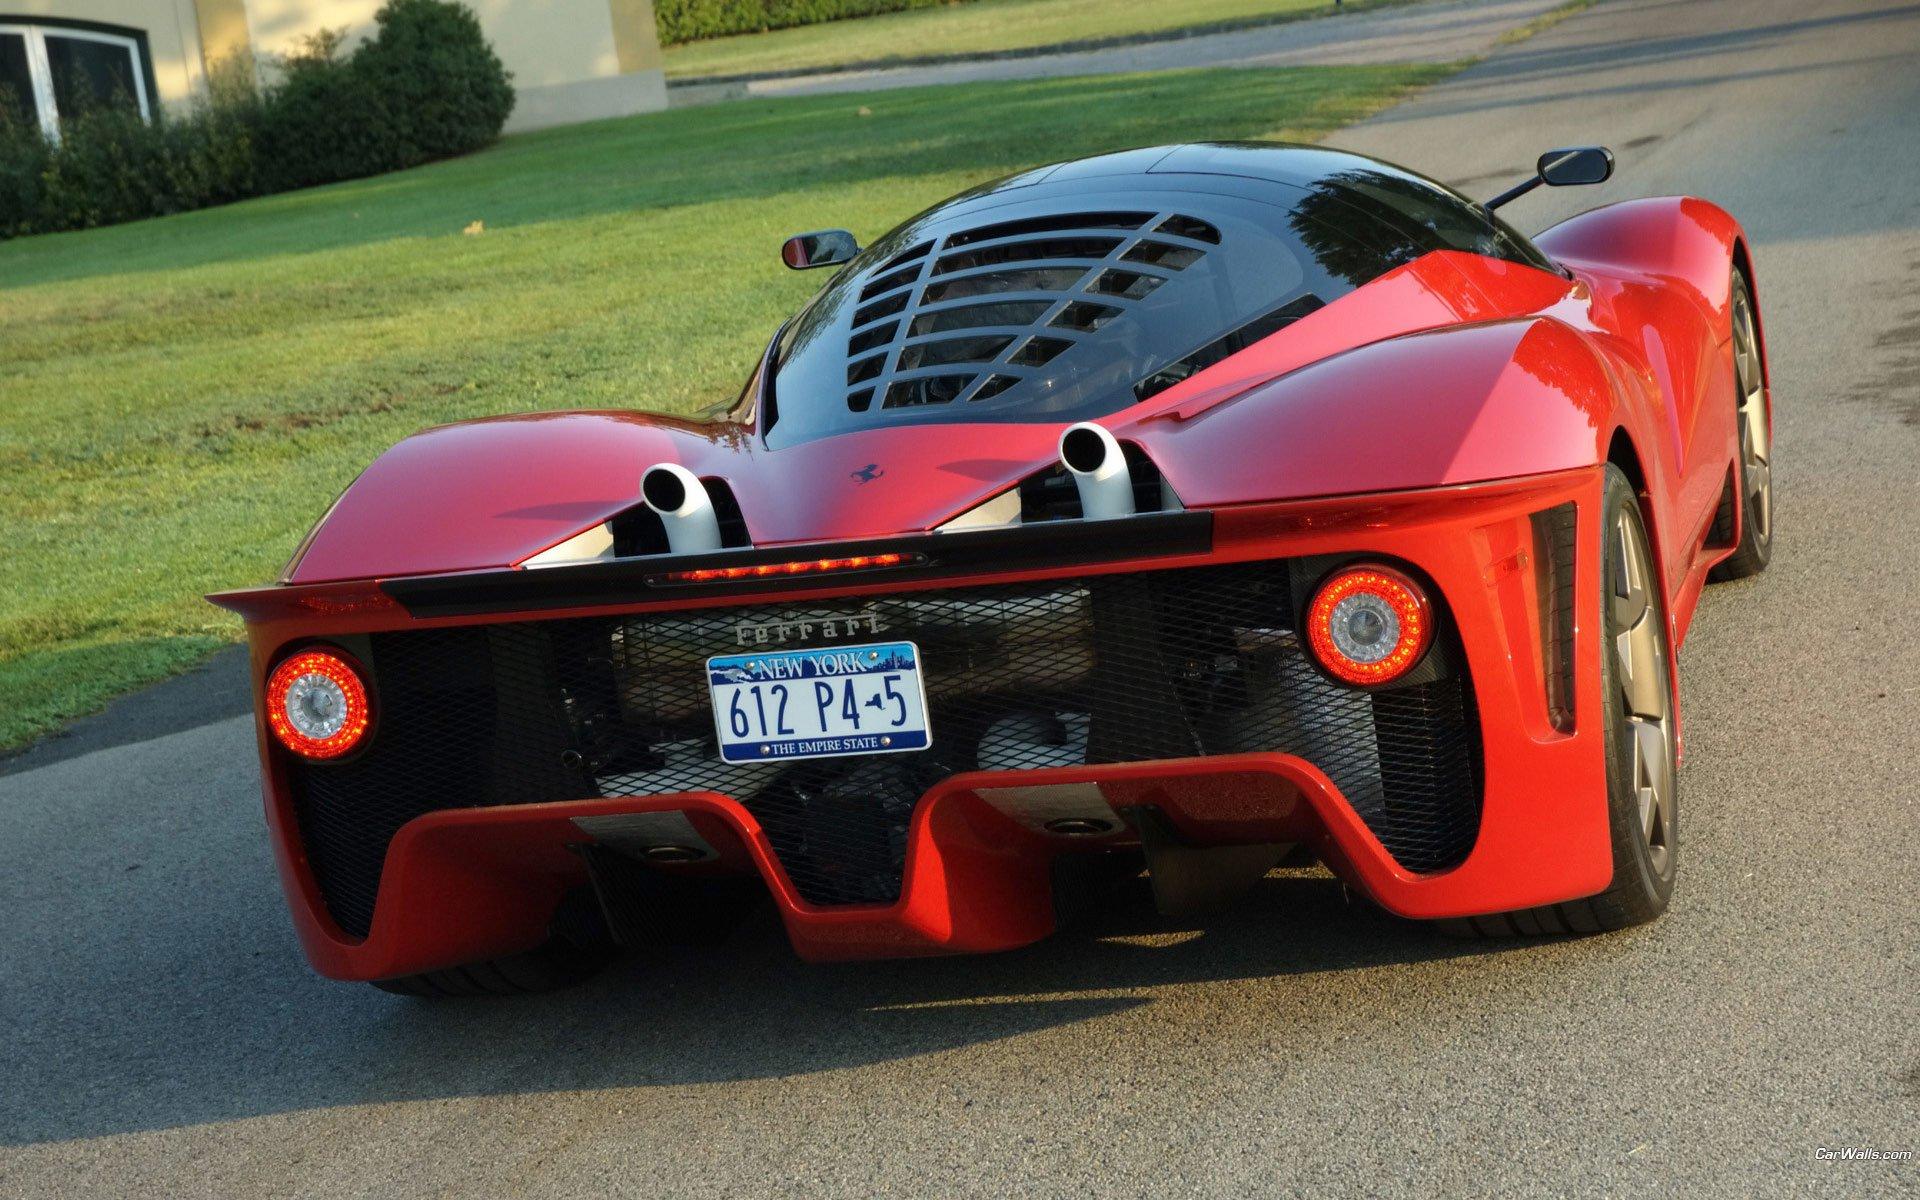 Vehículos - Ferrari  Vehículo Coche Fondo de Pantalla